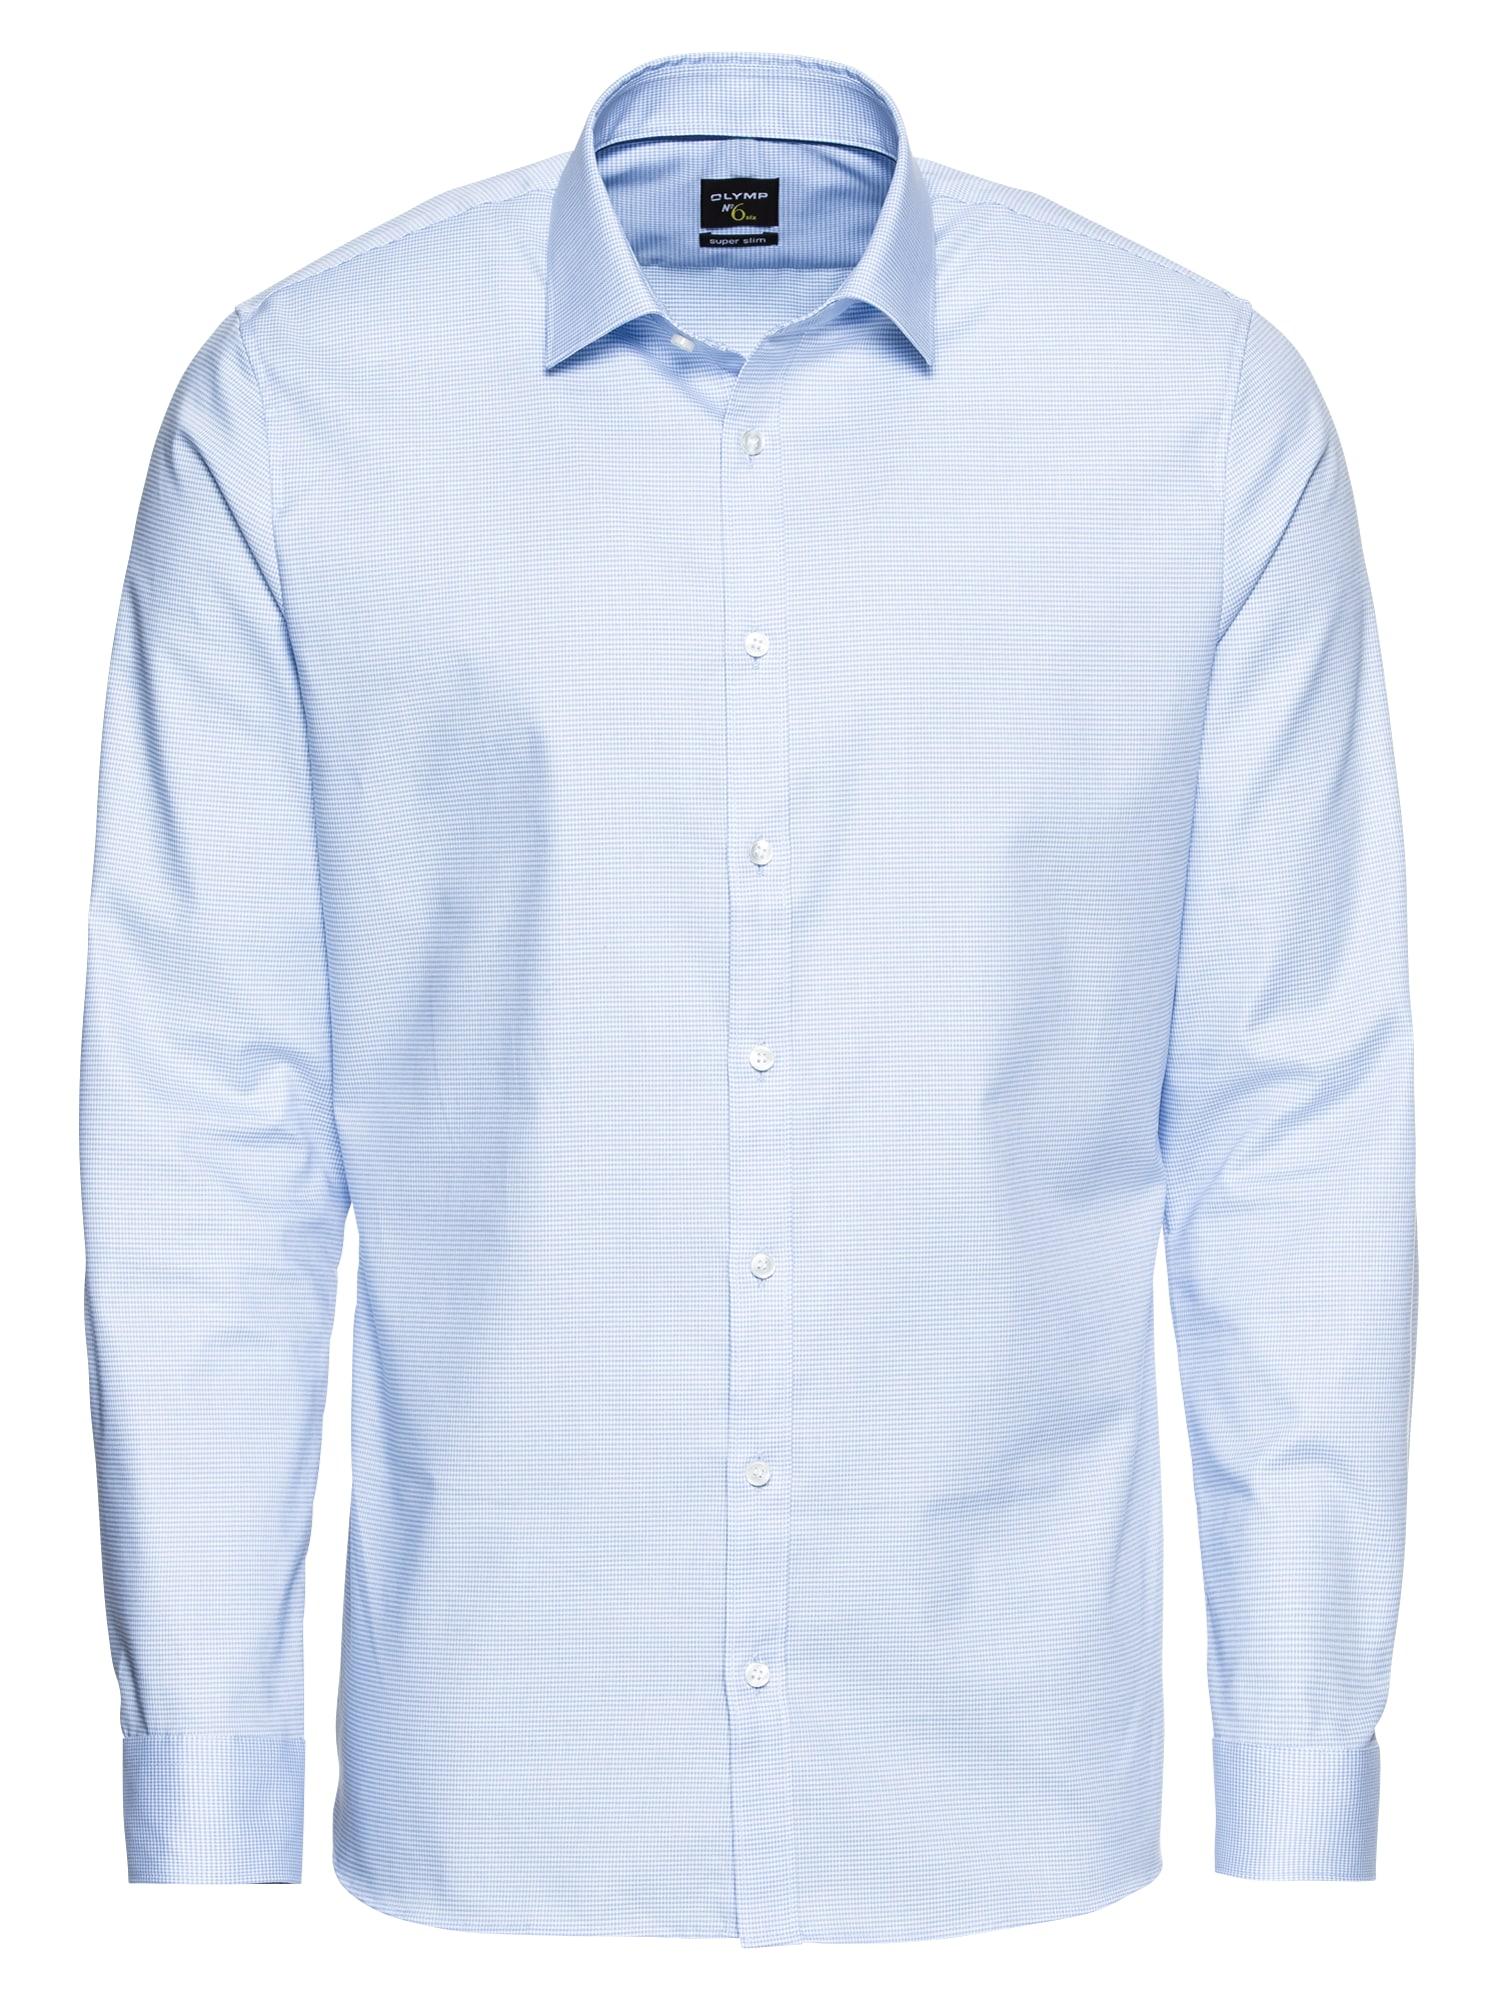 Společenská košile No. 6 Faux Uni modrá bílá OLYMP